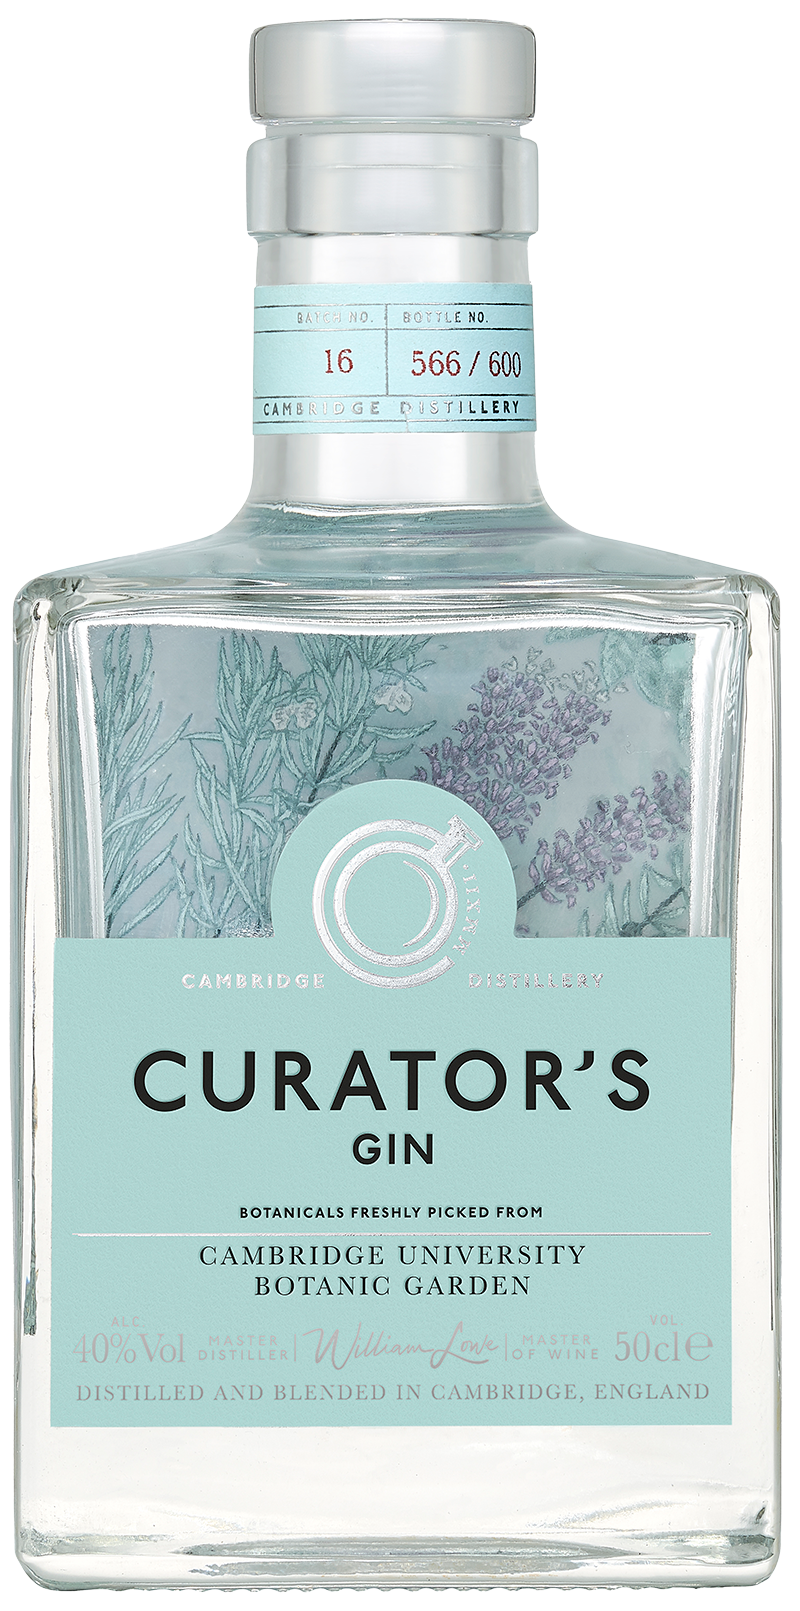 Curator's Gin